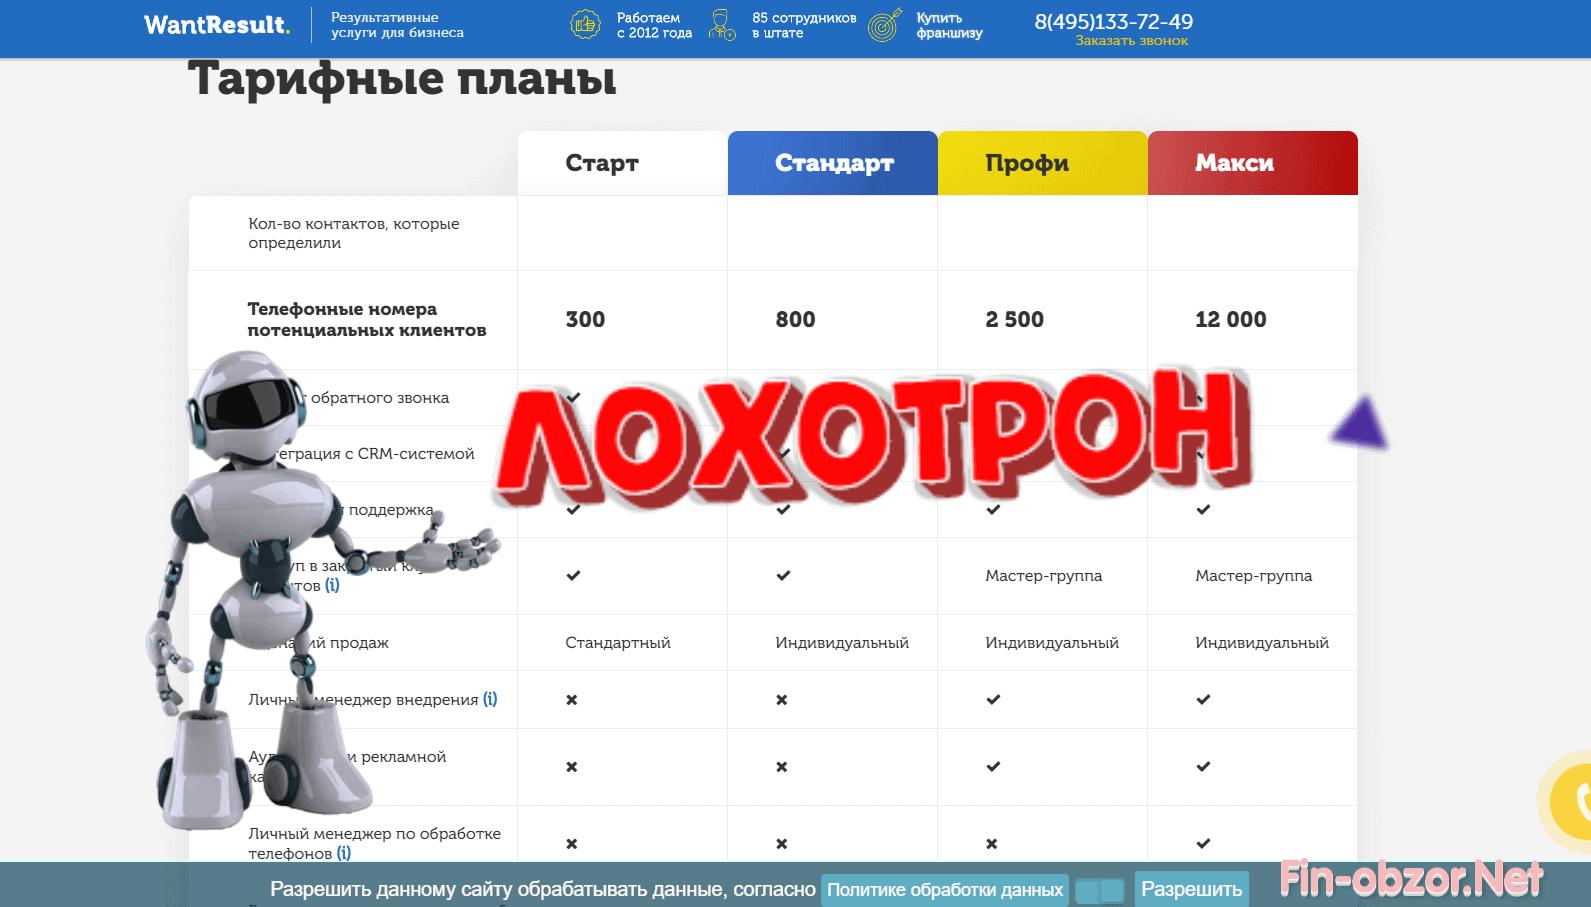 Франшиза WantResult отзывы. Легальность wantresult.ru развод и обман